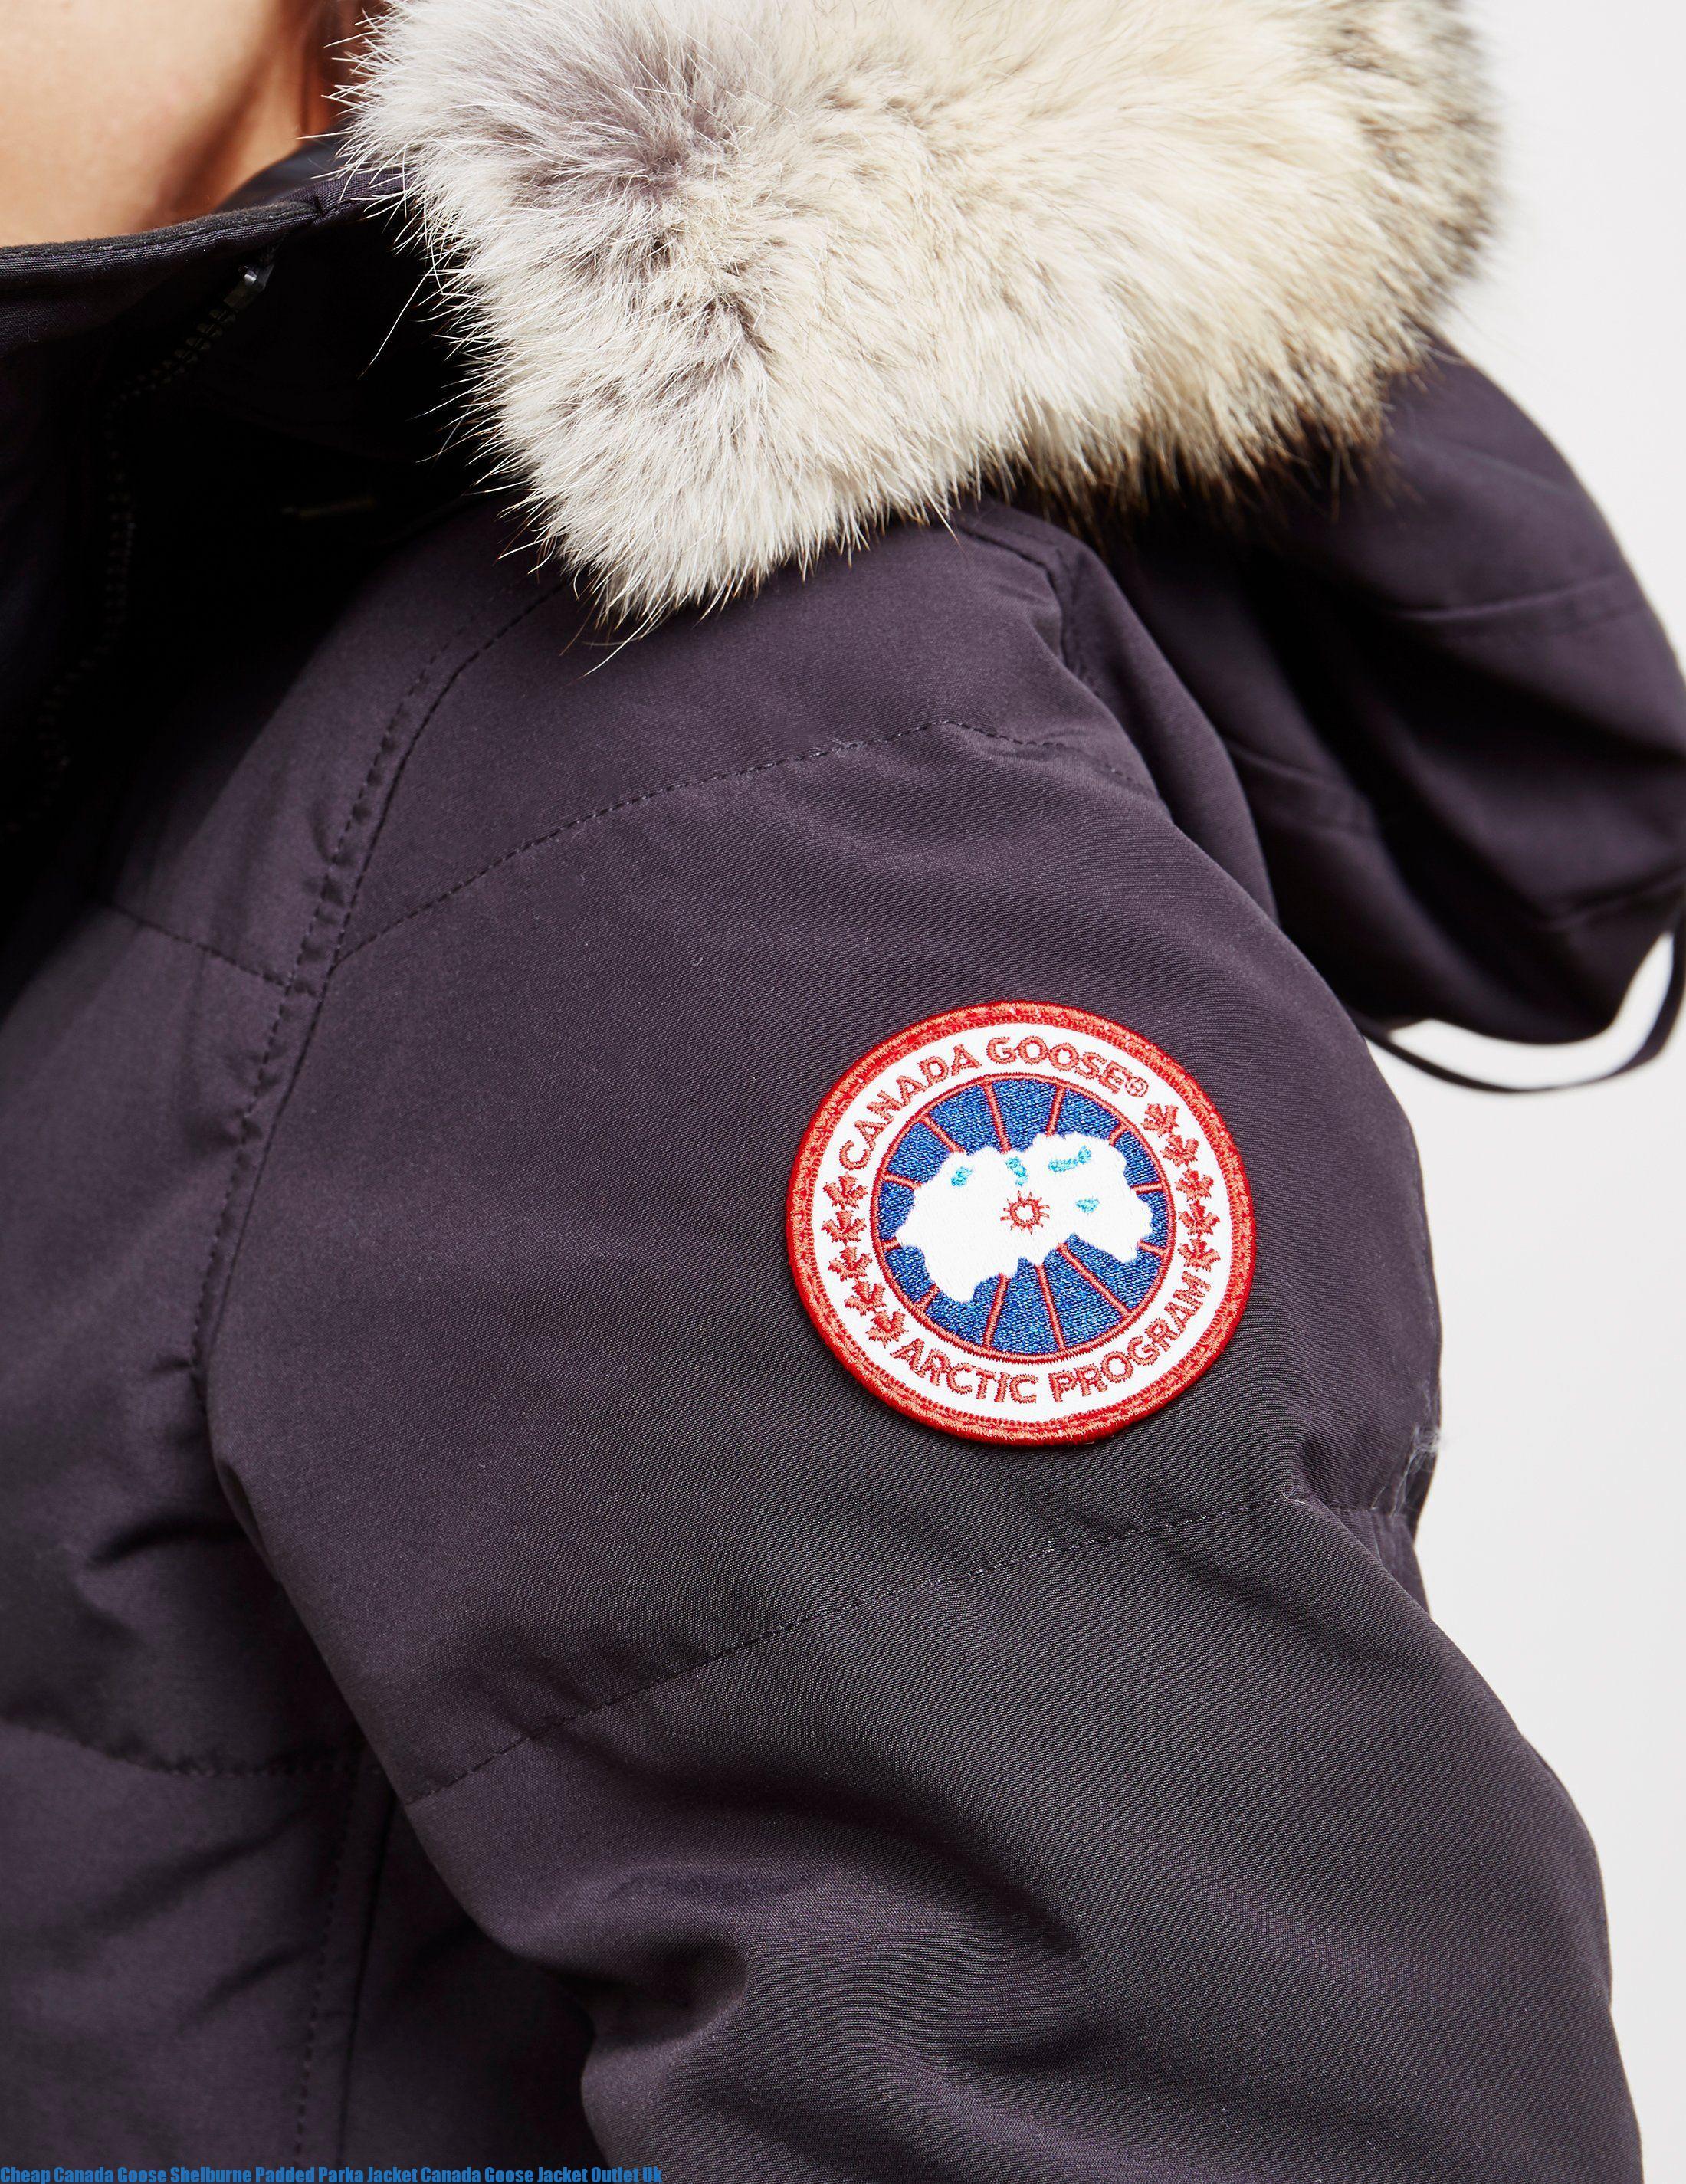 Cheap Canada Goose Shelburne Padded Parka Jacket Canada Goose Jacket Outlet Uk